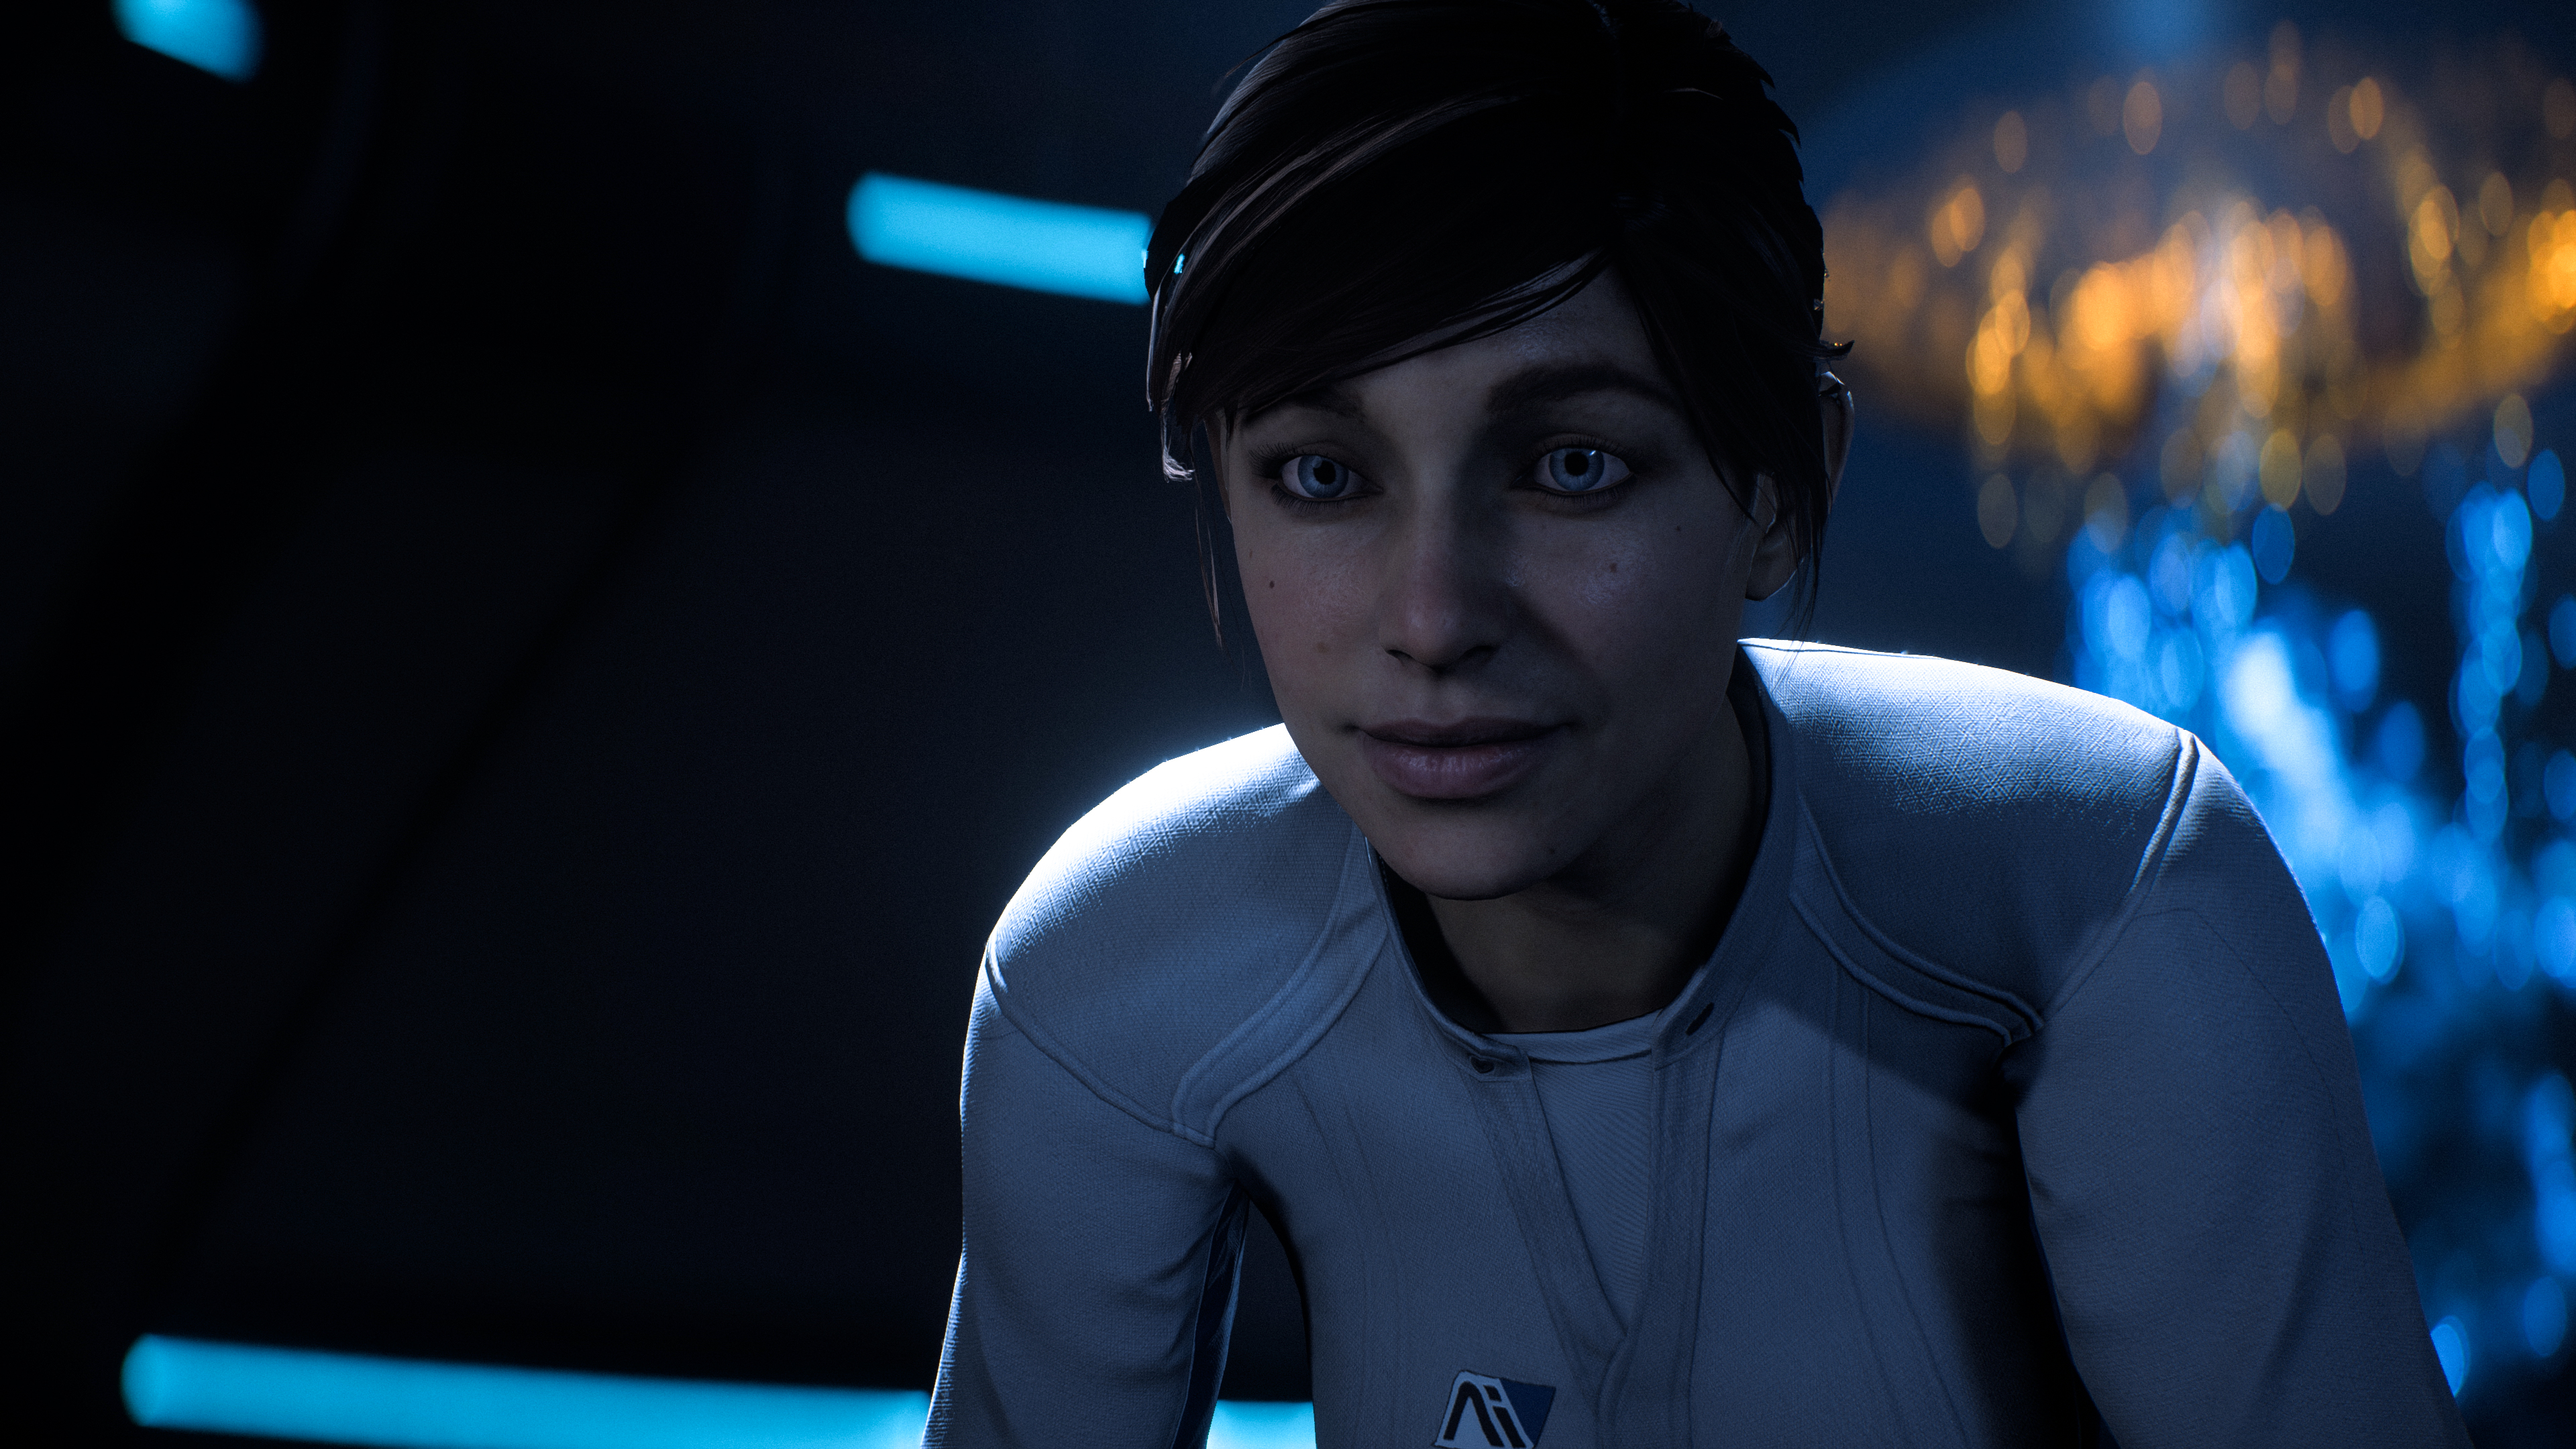 Mass Effect Andromeda In Der Vorschau Das Beste Aus Drei Spielen